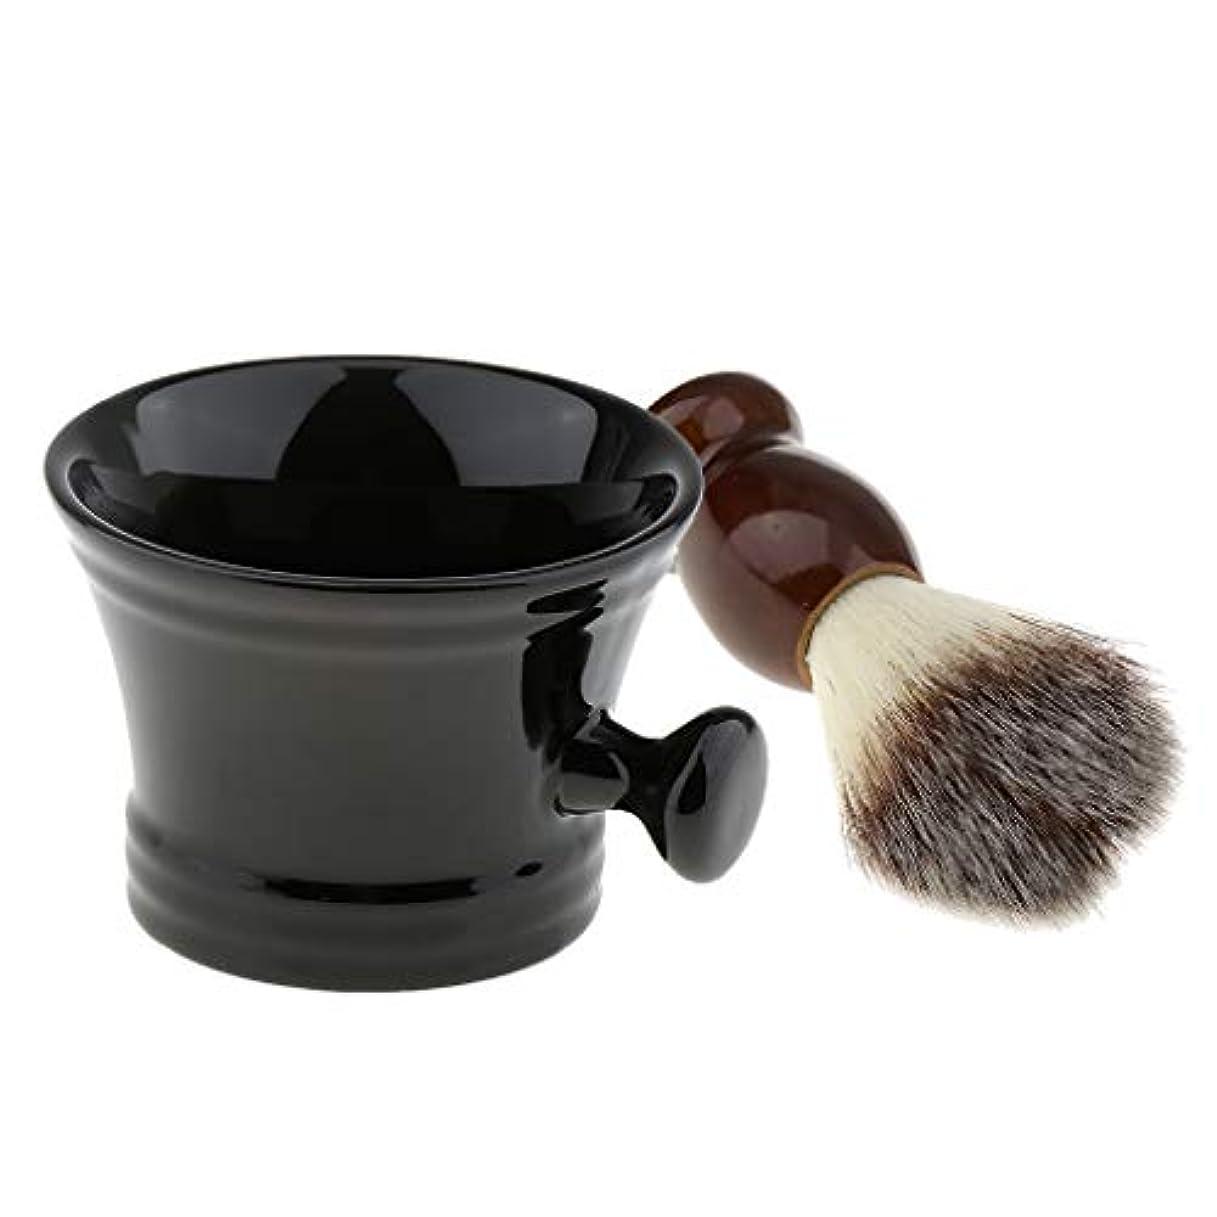 鳴り響く有利インクシェービング用アクセサリー シェービングブラシ シェービングボウル 男性 理容 洗顔 髭剃りキット 2点